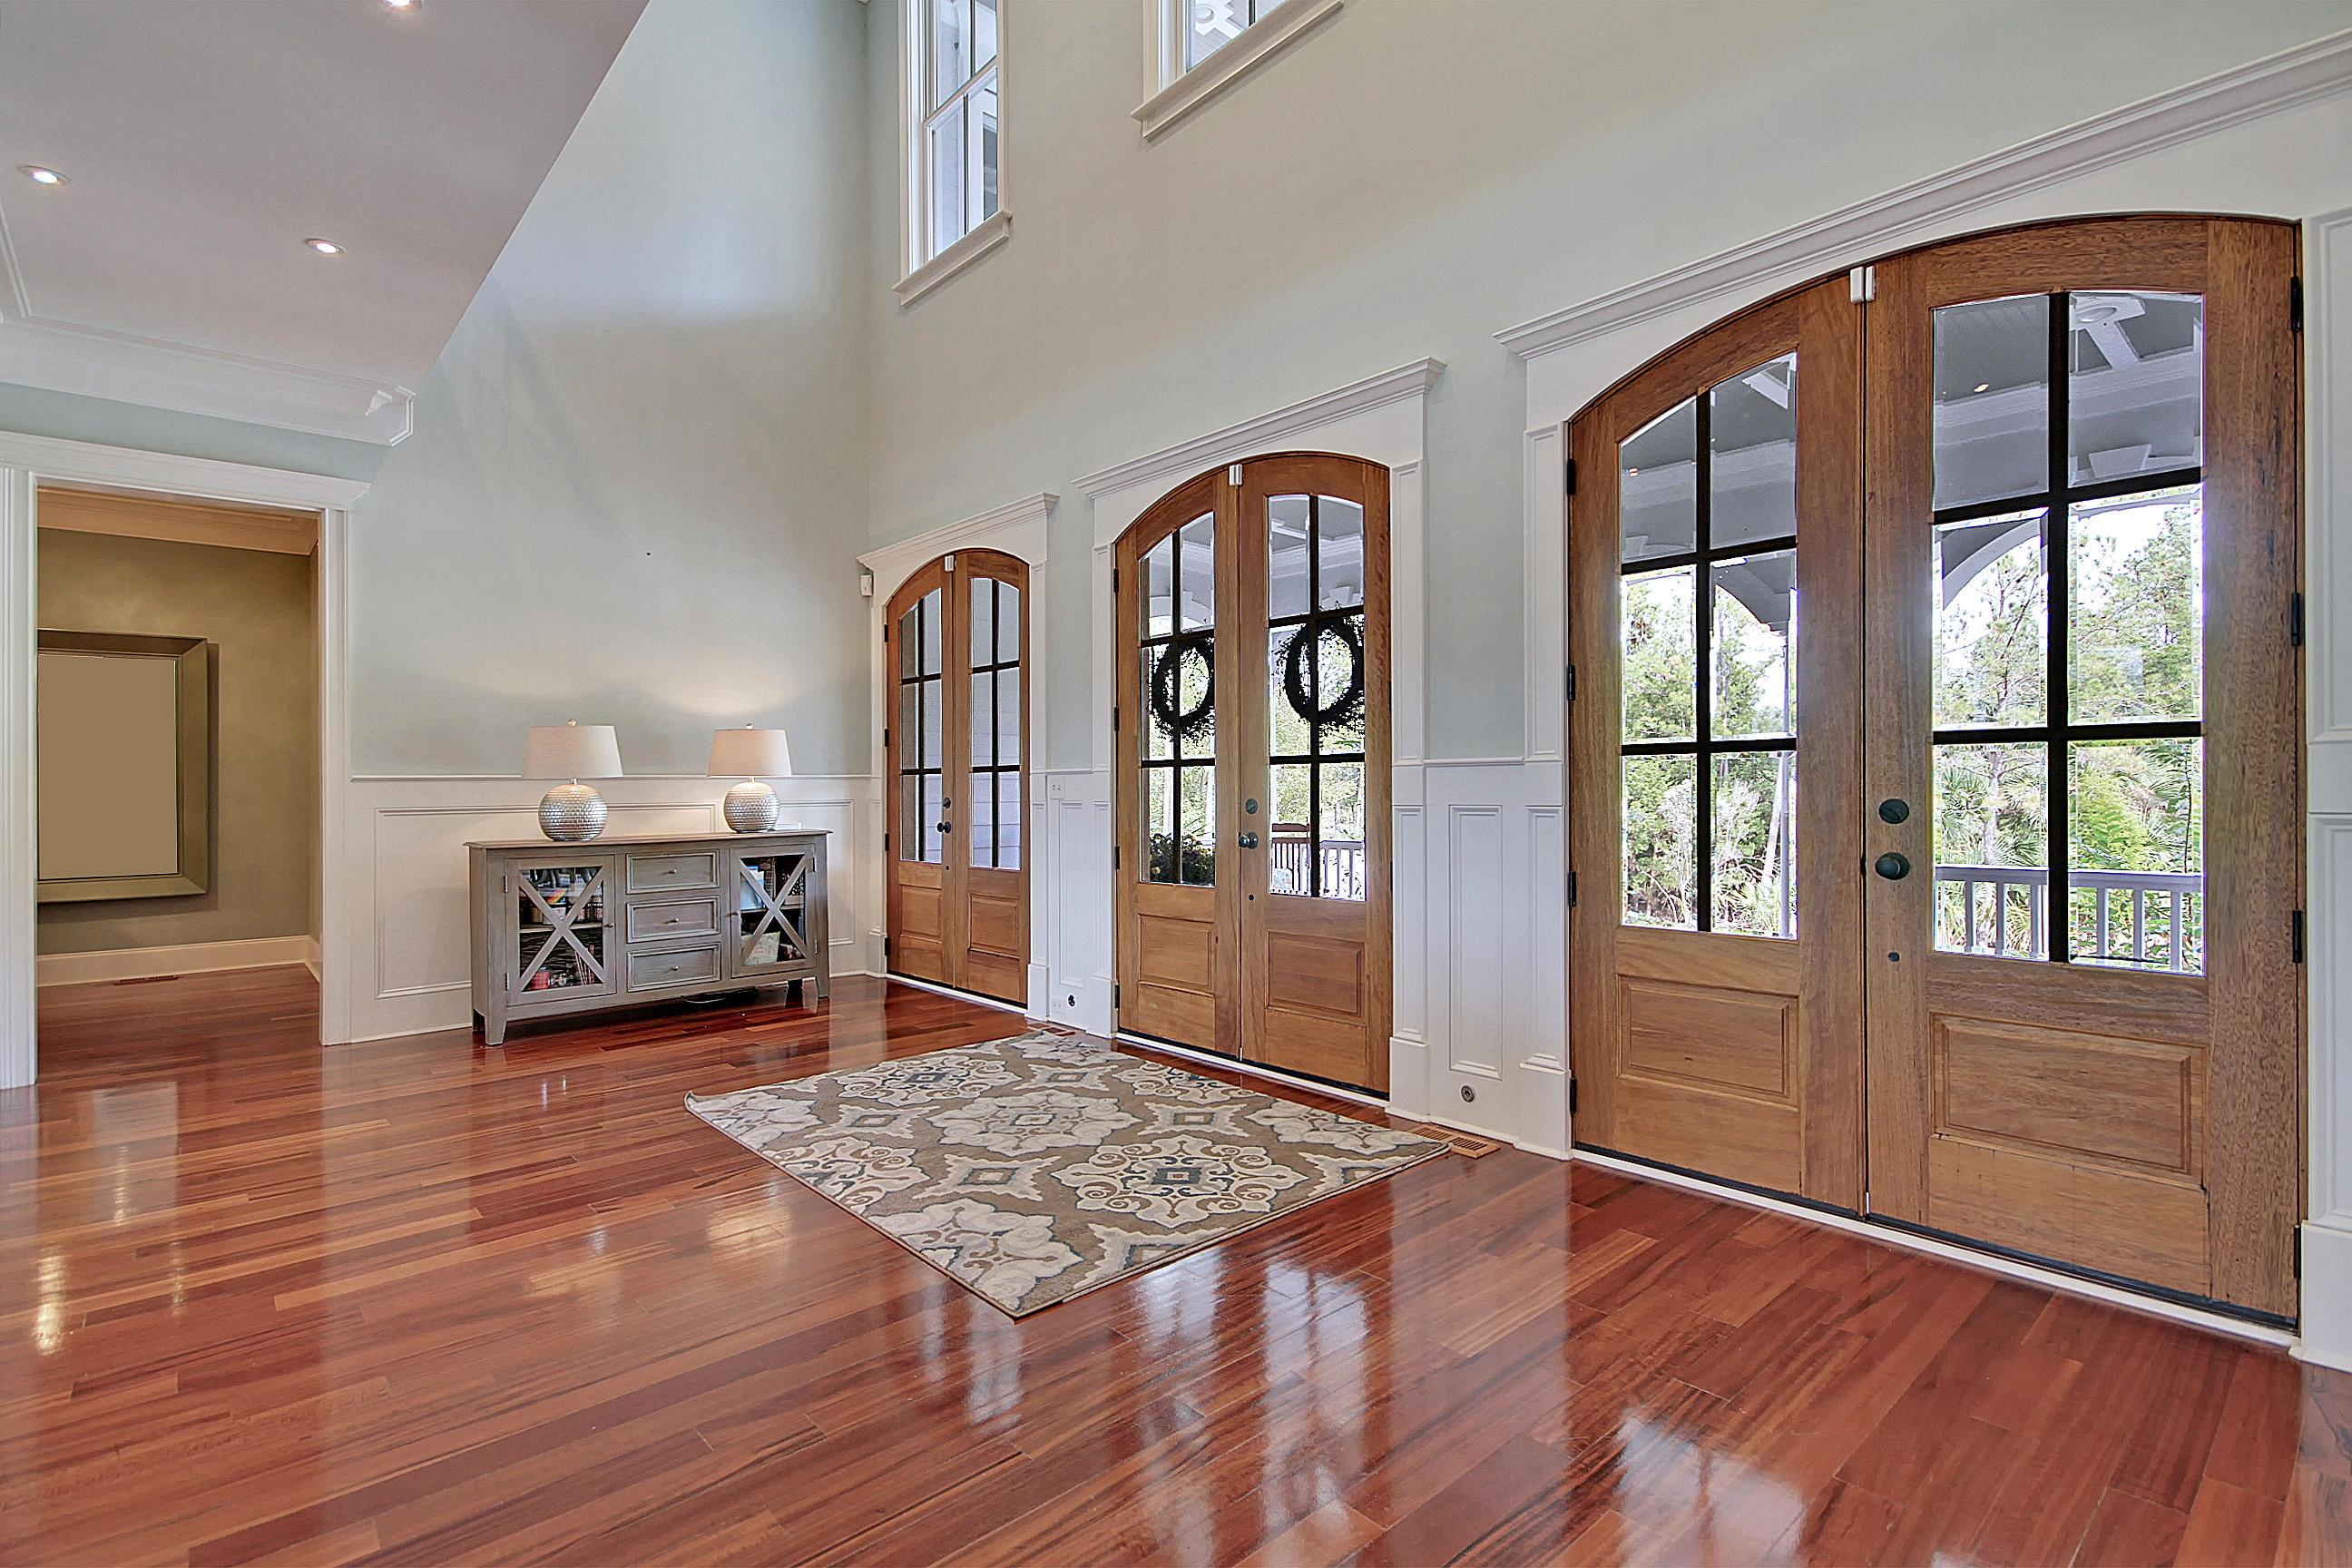 Park West Homes For Sale - 3940 Ashton Shore, Mount Pleasant, SC - 65